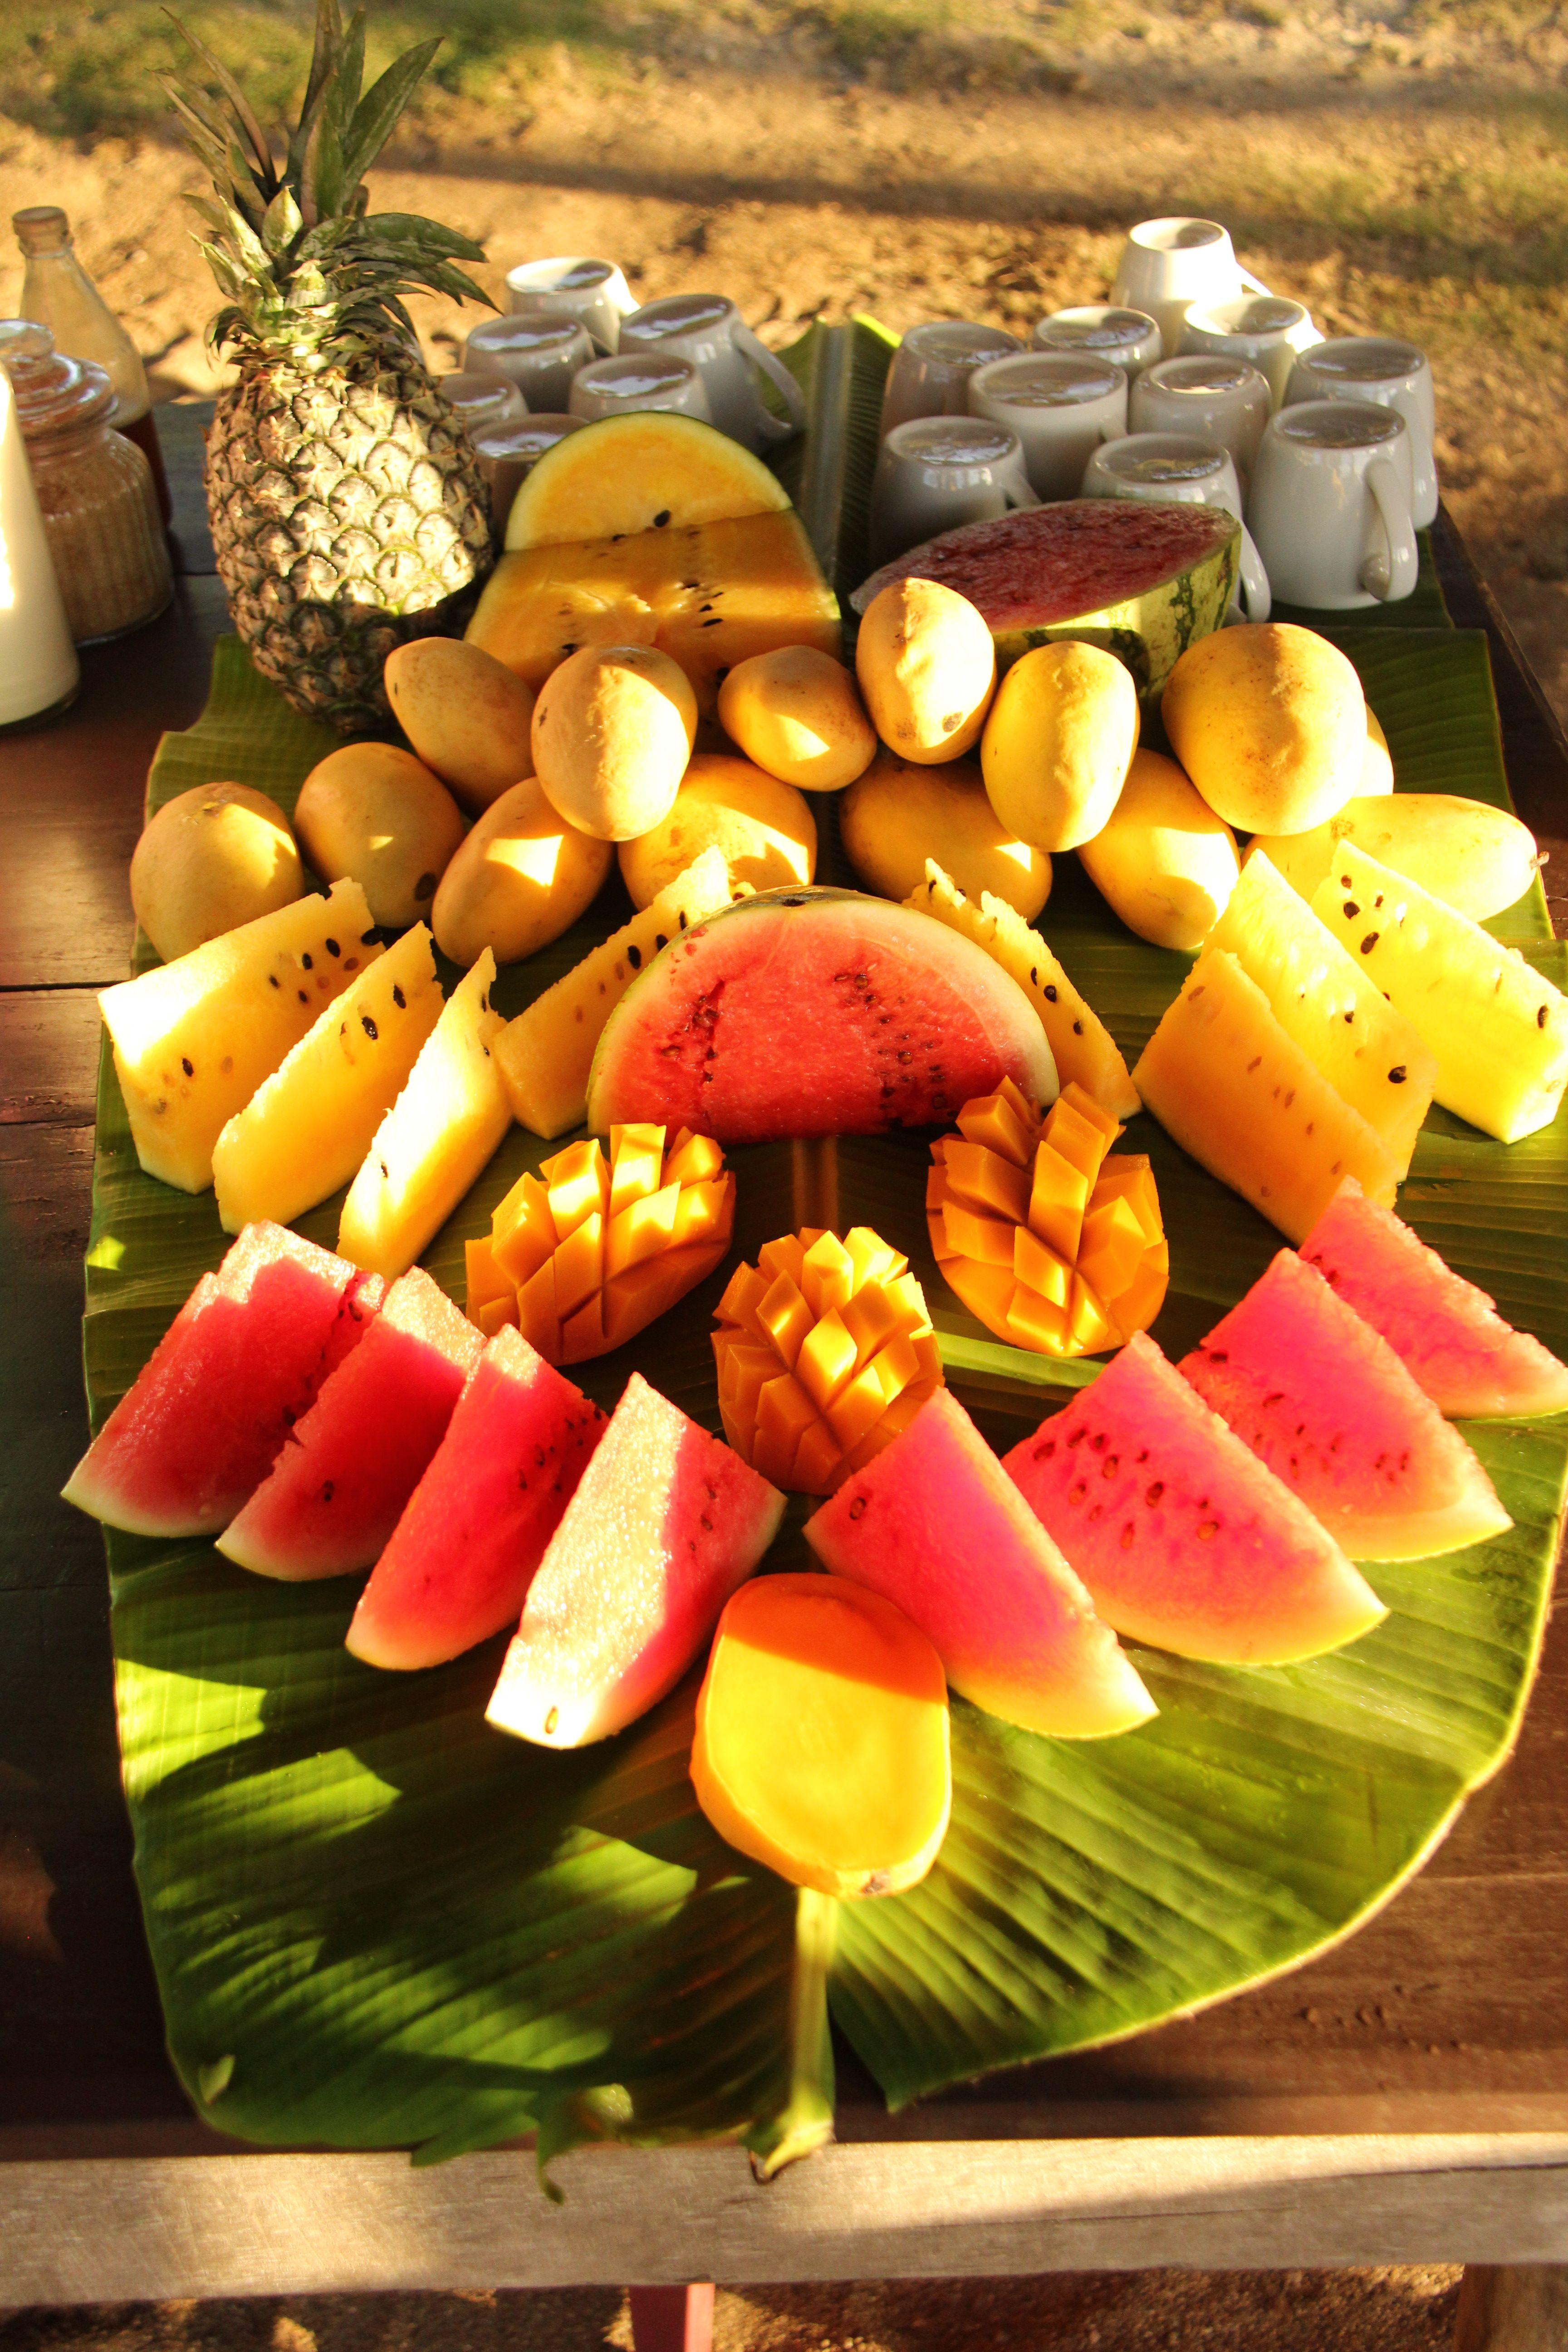 Fruits frais du matin servis sur une feuille de bananier